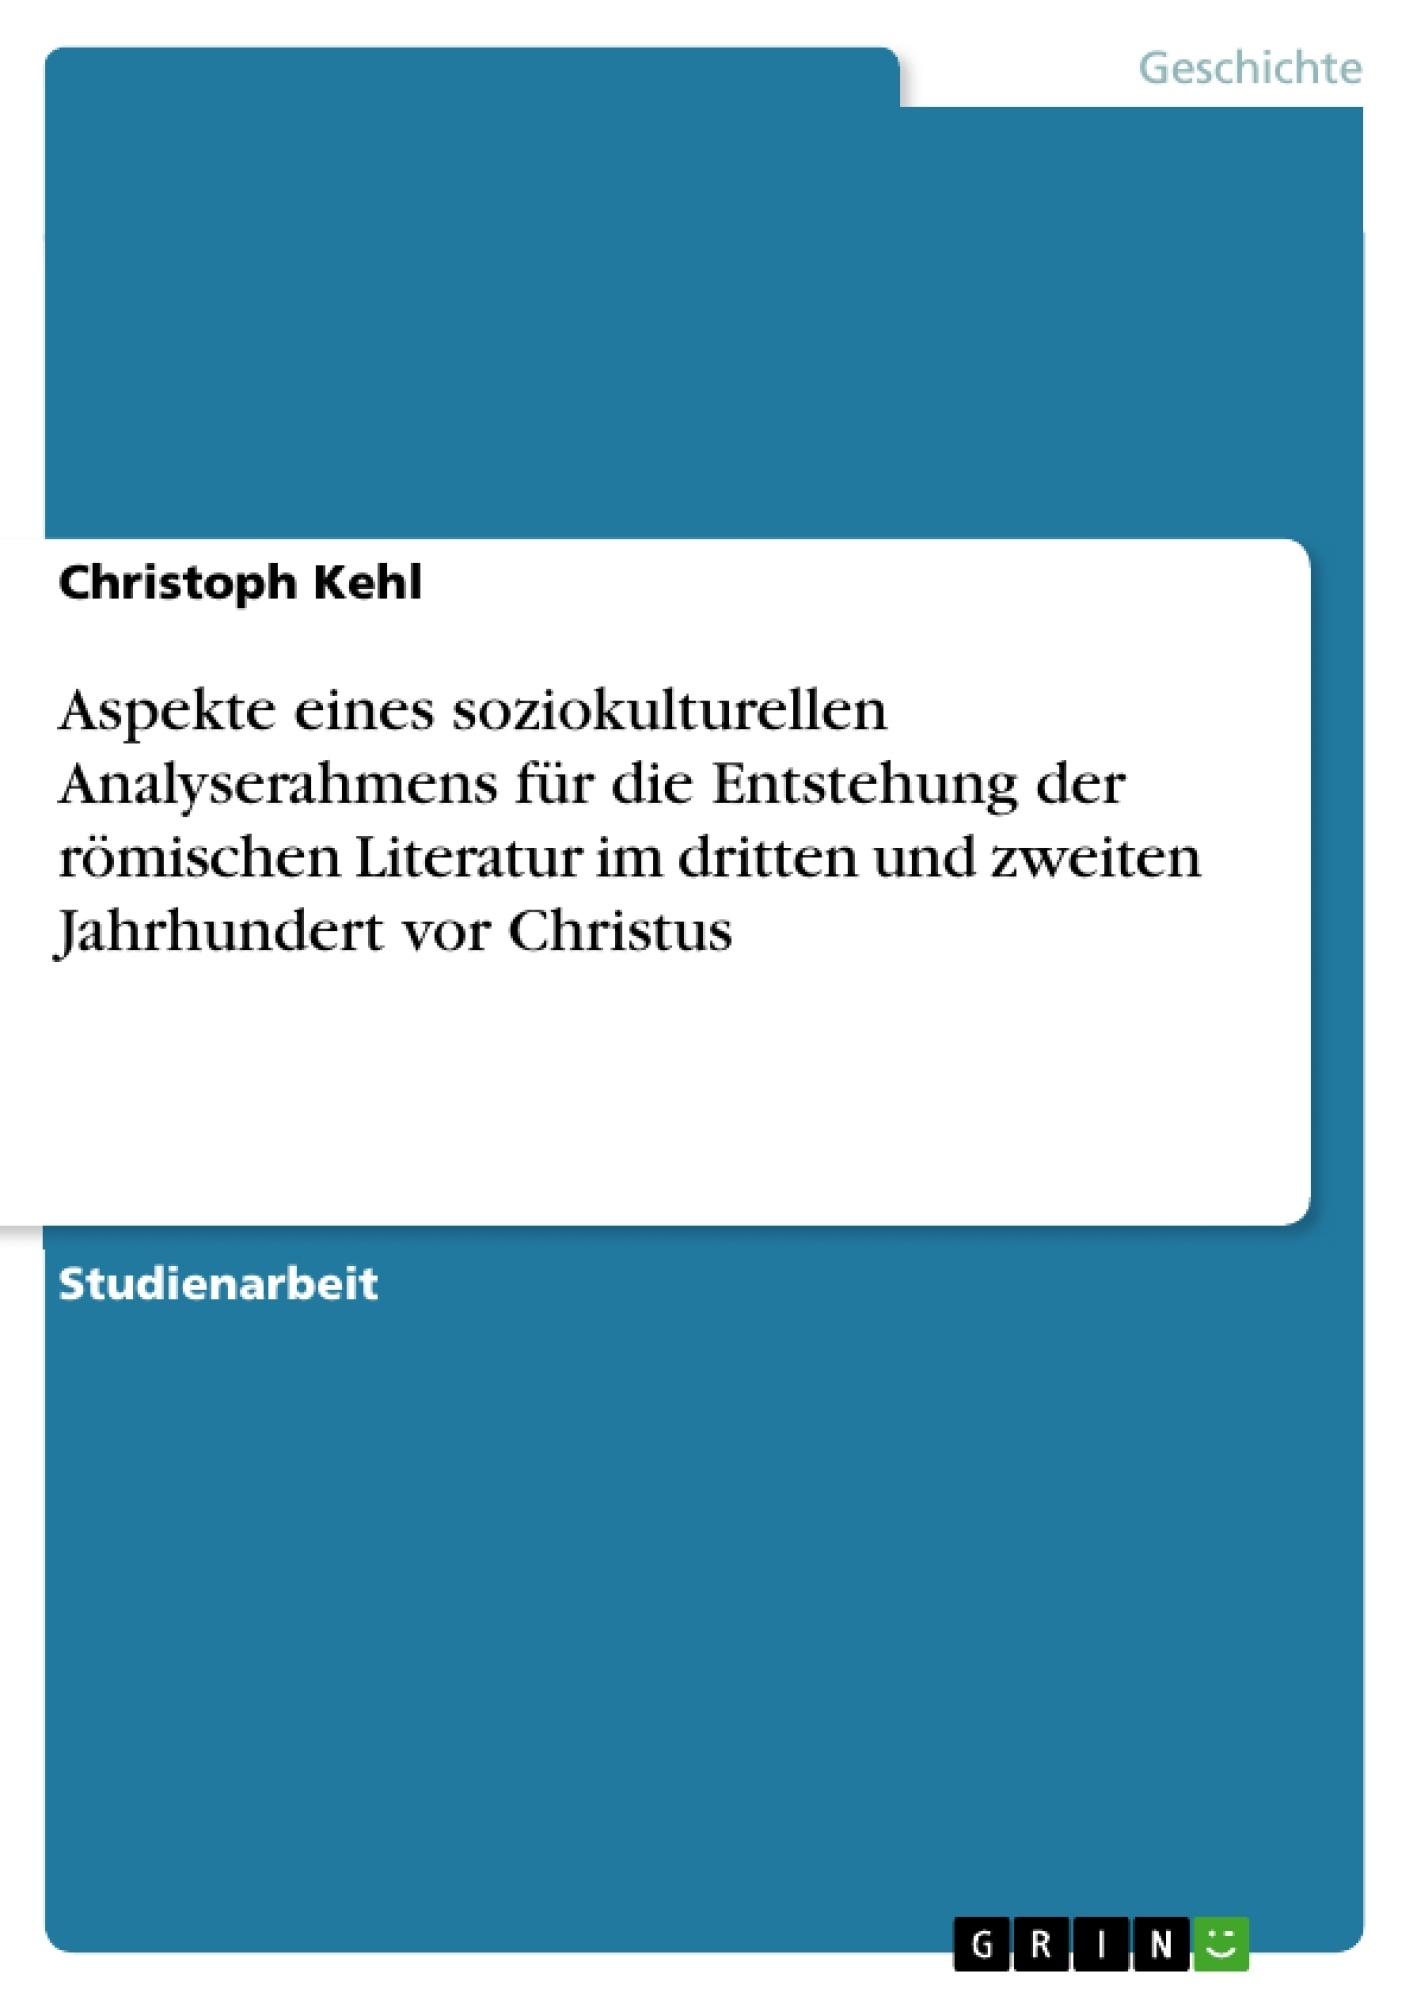 Titel: Aspekte eines soziokulturellen Analyserahmens für die Entstehung der römischen Literatur im dritten und zweiten Jahrhundert vor Christus